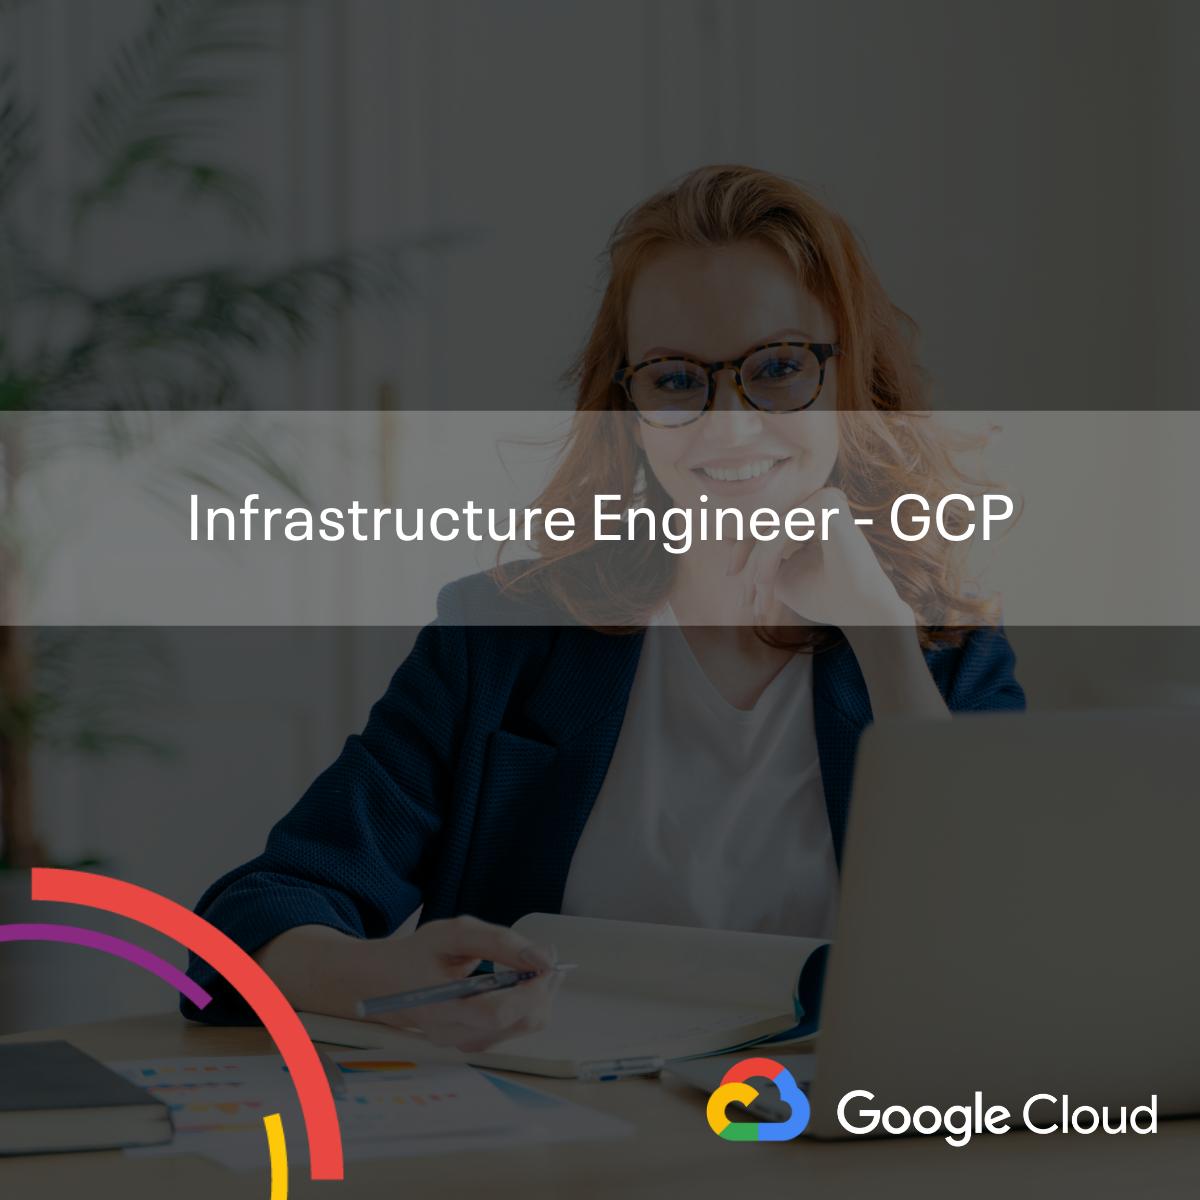 Infrastructure Engineer - GCP